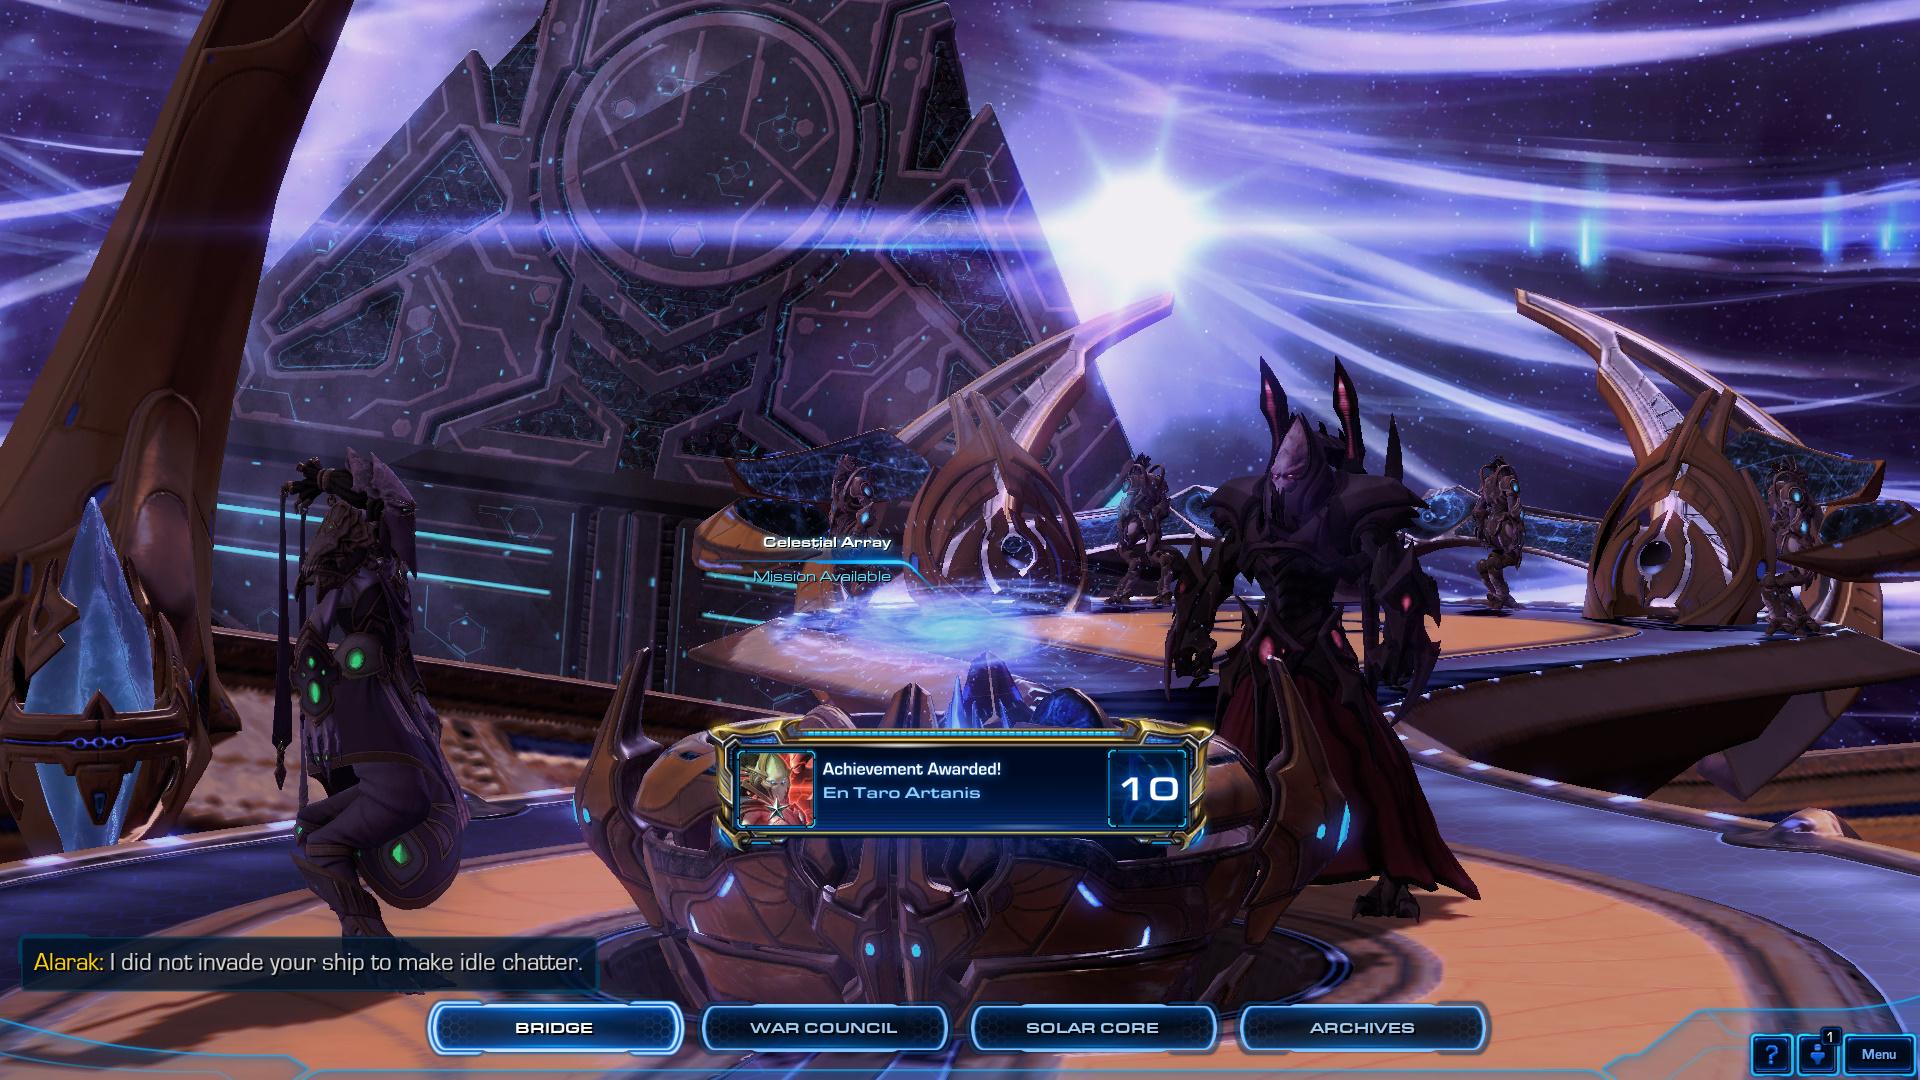 starcraft matchmaking vs ai halo 4 statistike utakmice